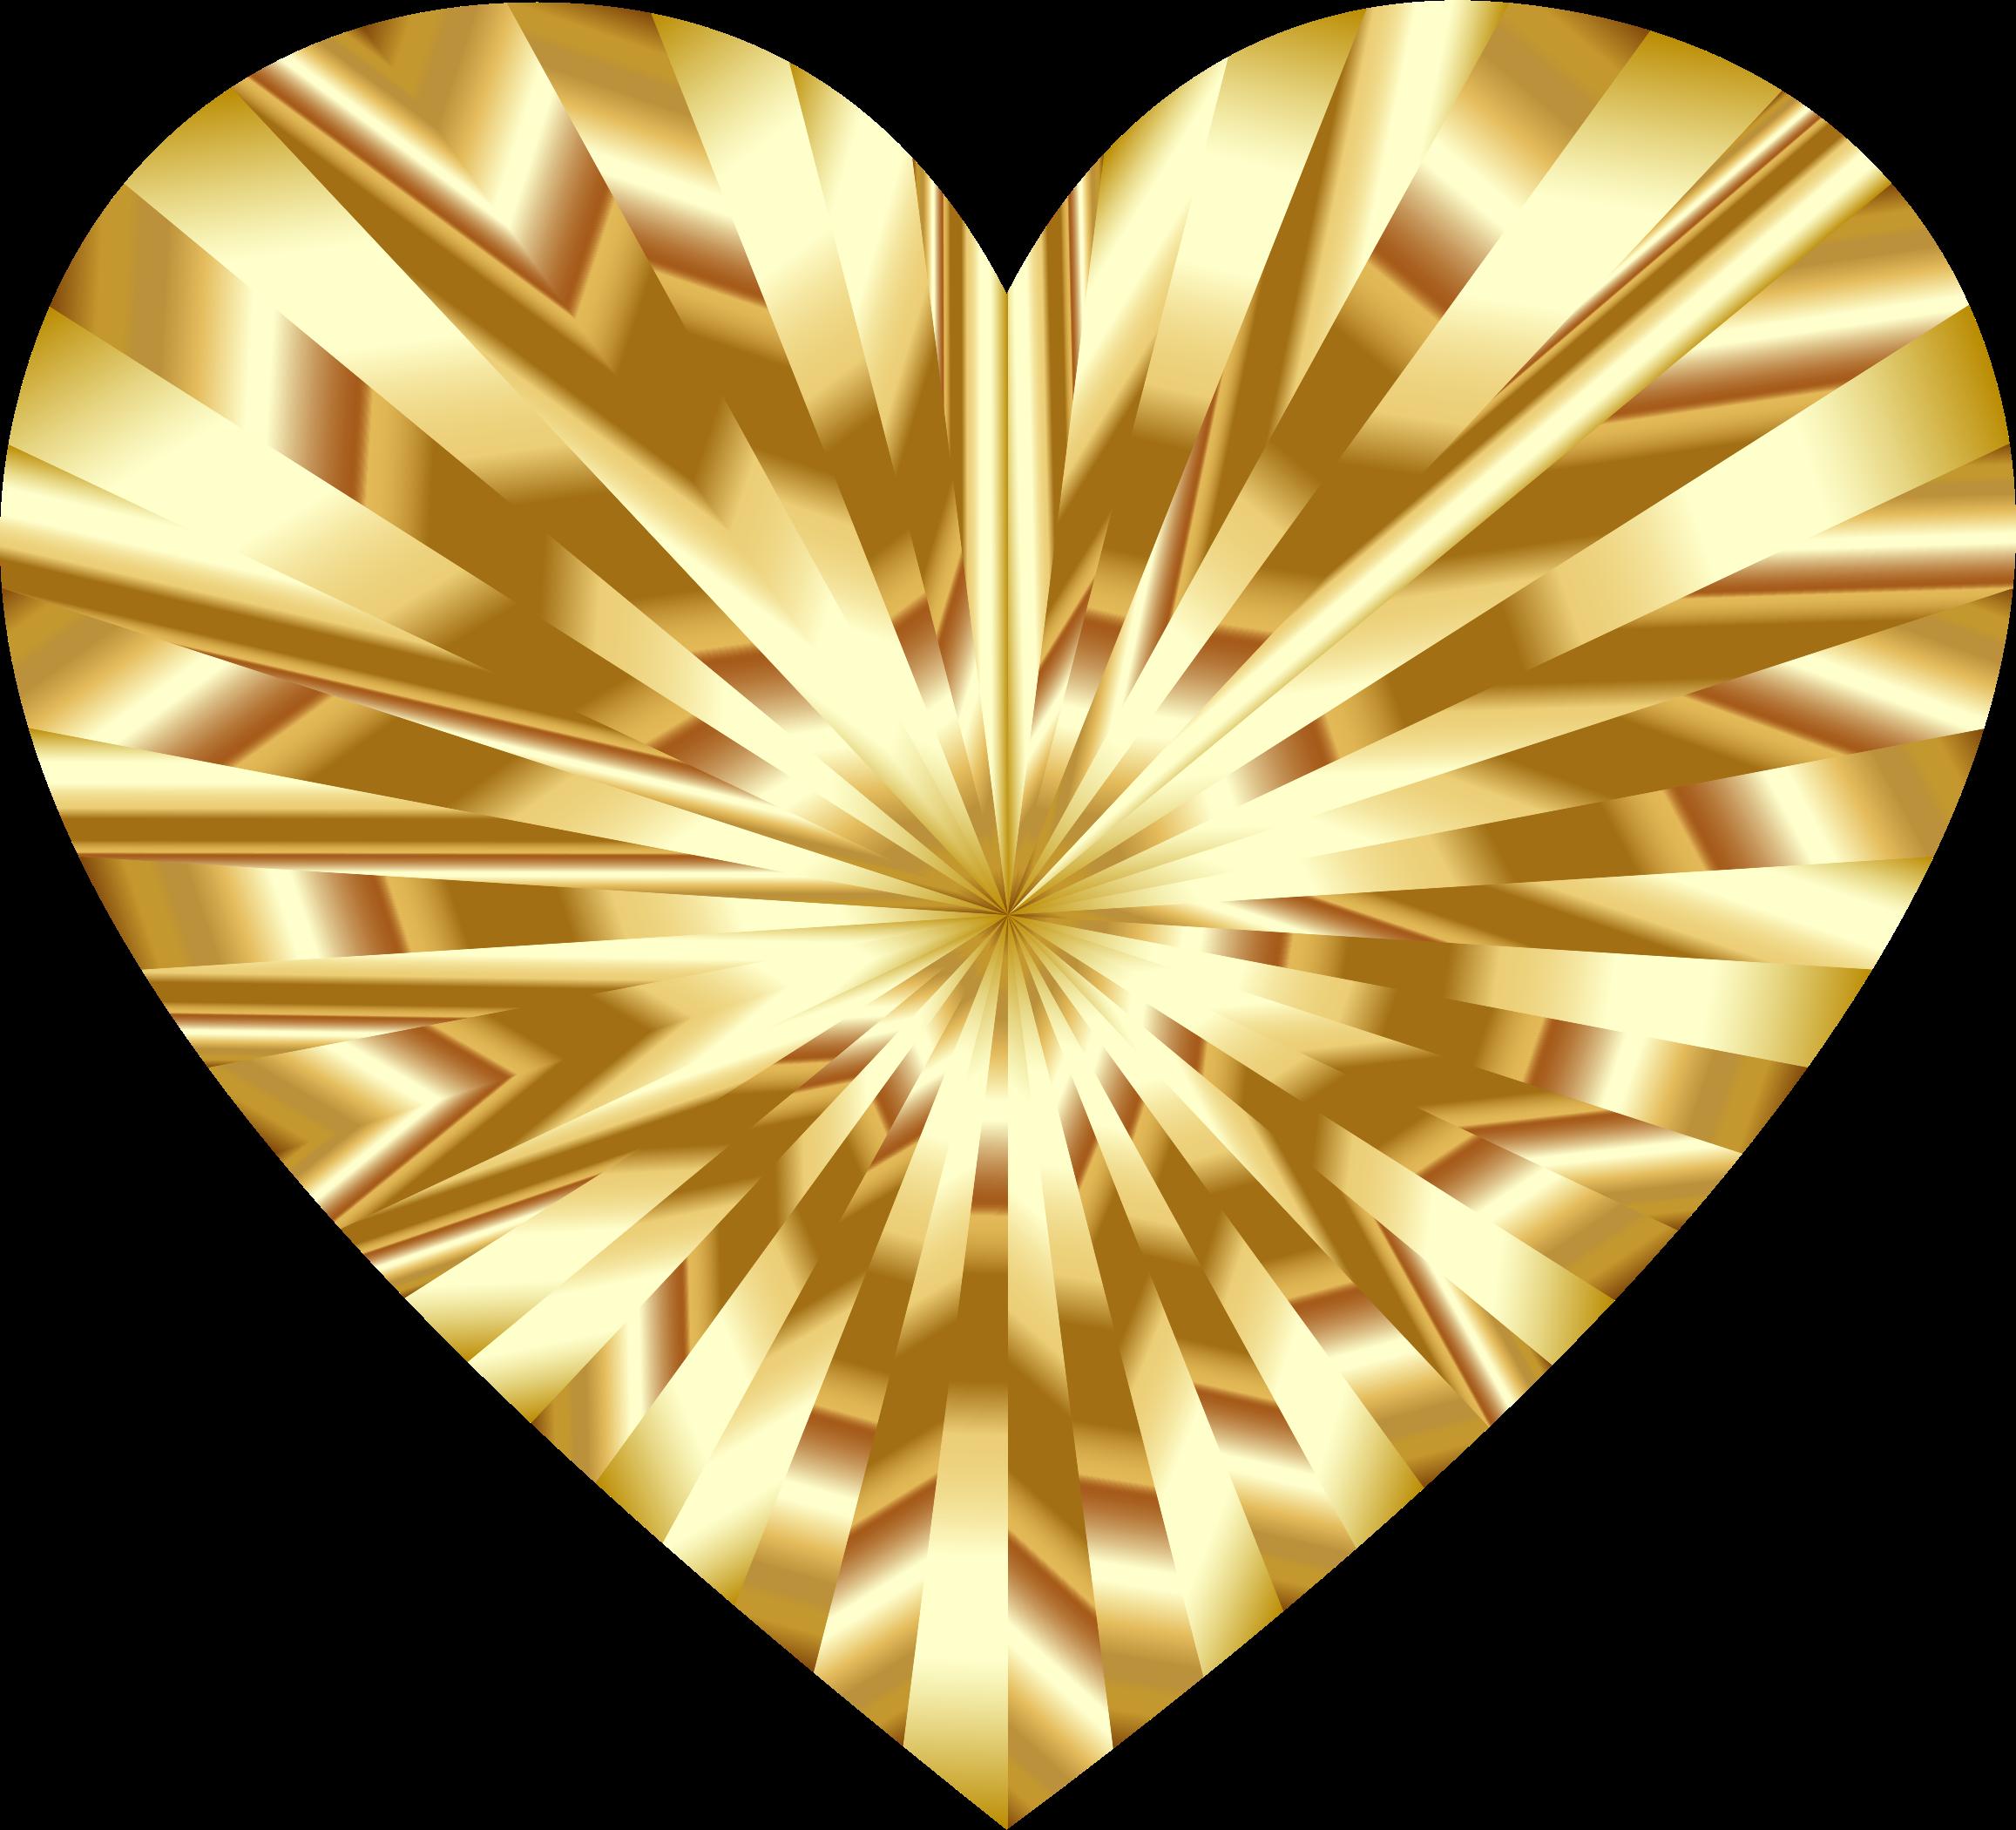 Clipart starburst heart